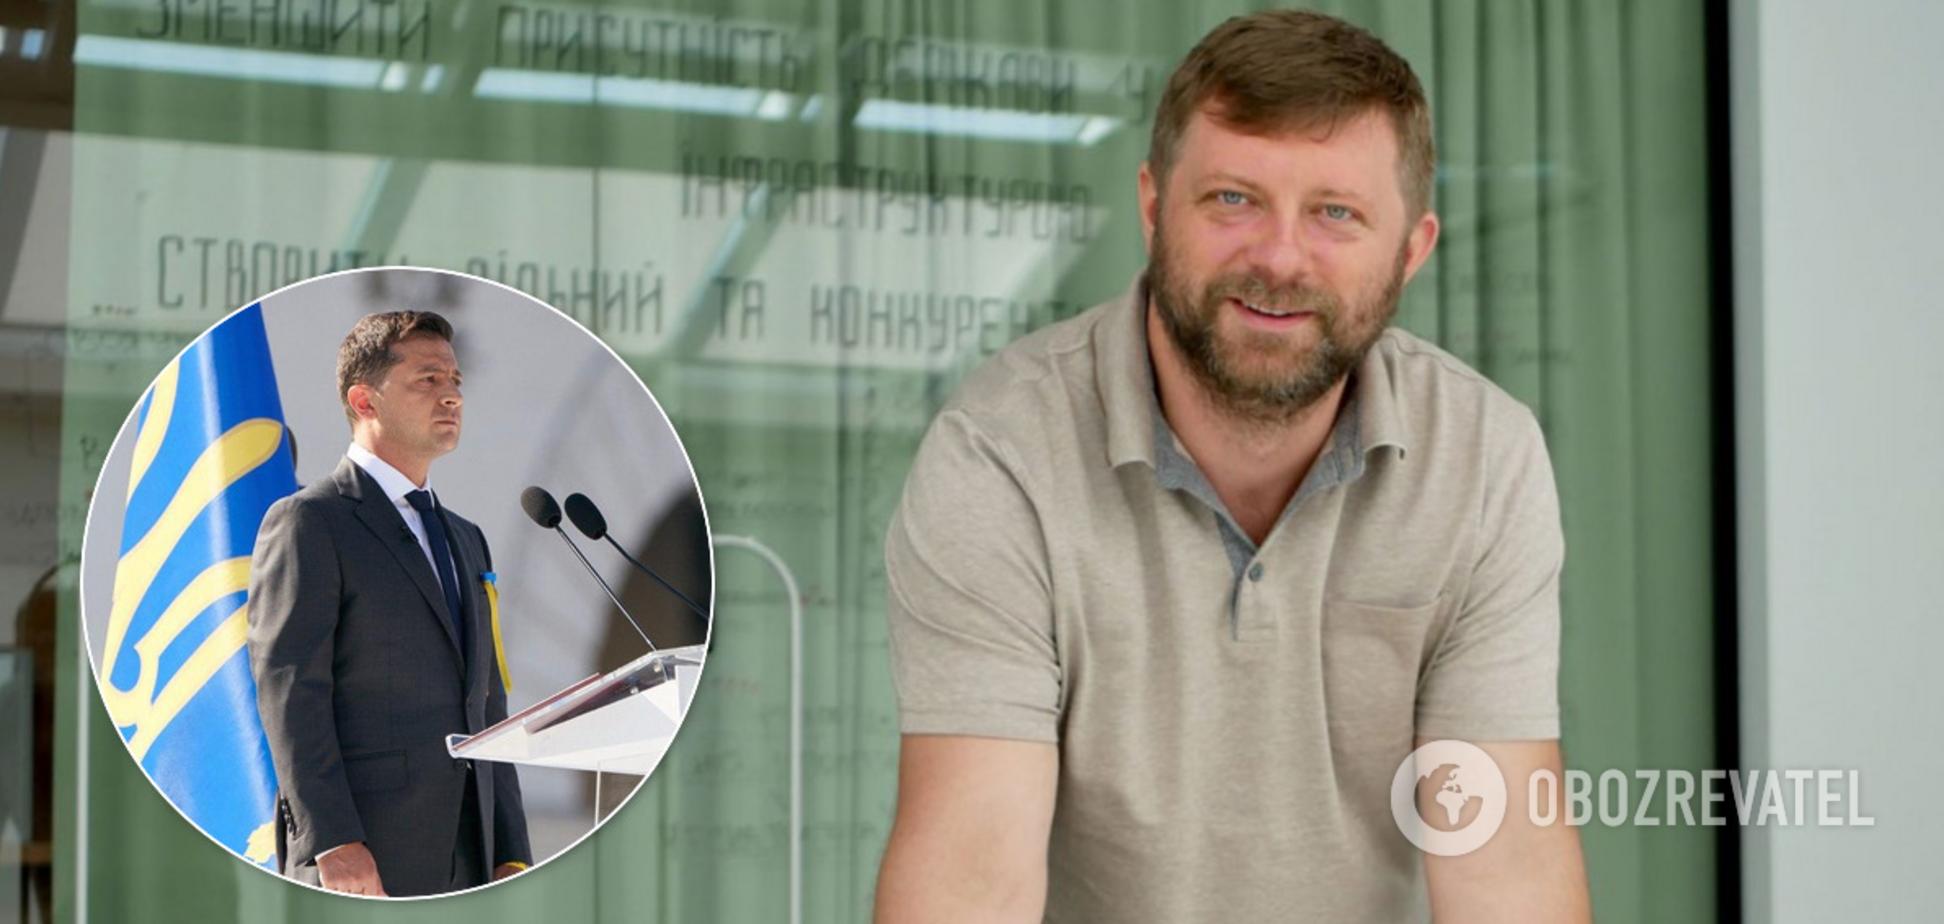 Префекты и 'министры района': у Зеленского признались, как хотят 'перекроить' Украину